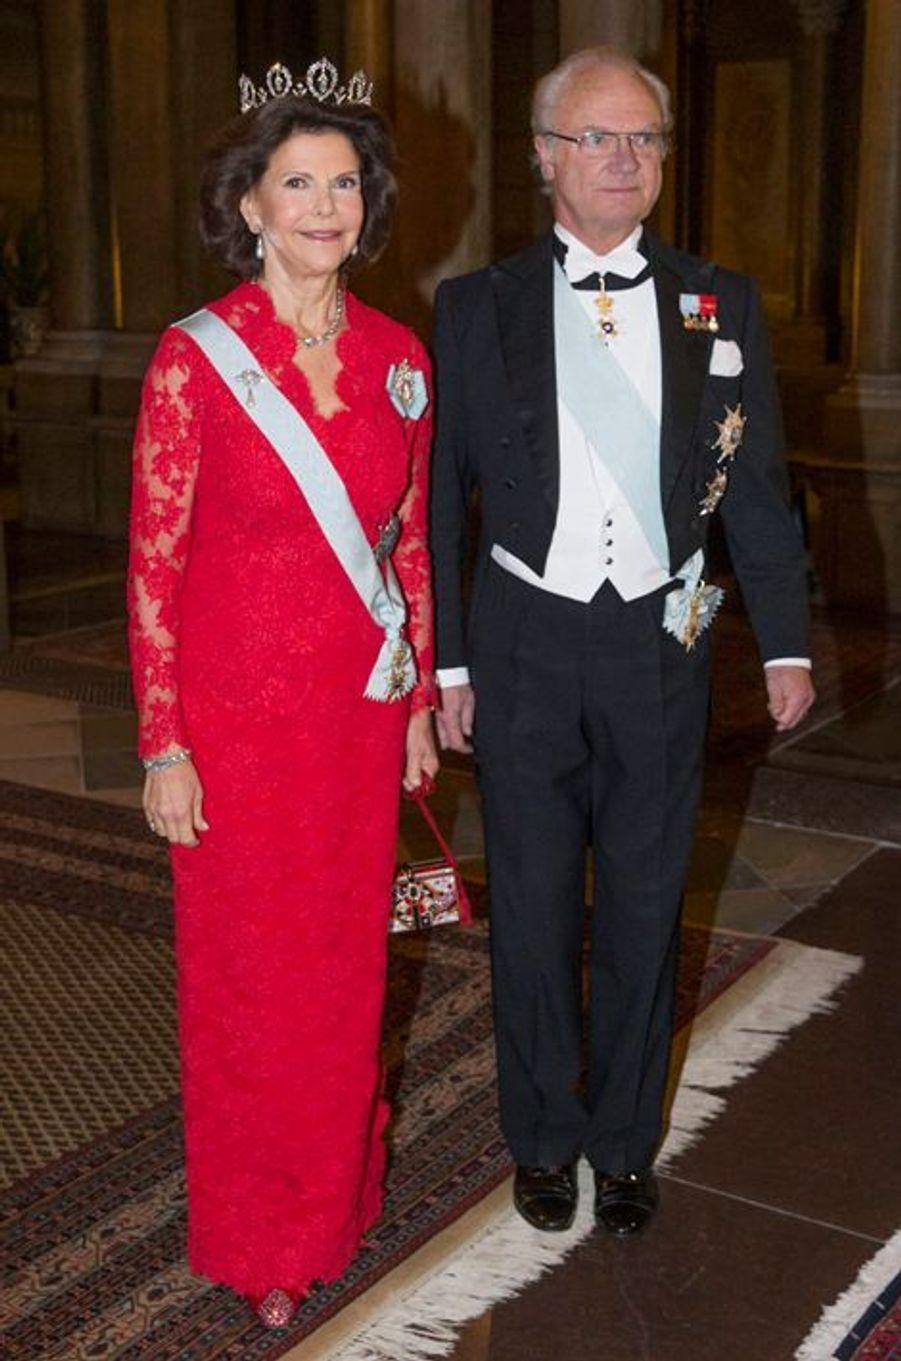 La reine Silvia et le roi Carl XVI Gustaf au palais royal à Stockholm, le 11 décembre 2014